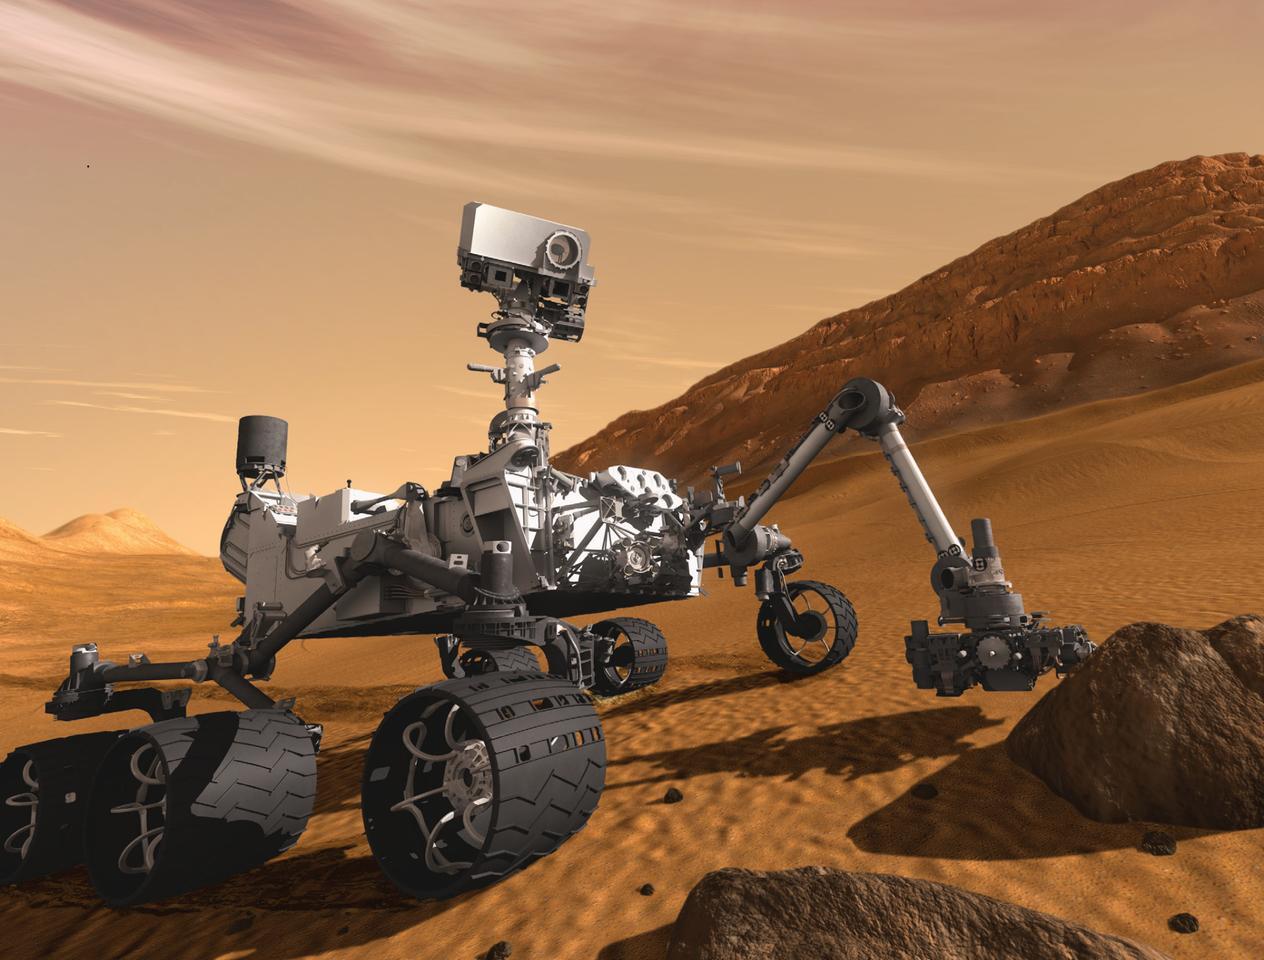 NASA's Mars lander Curiosity has landed safely on Mars (Image: NASA)